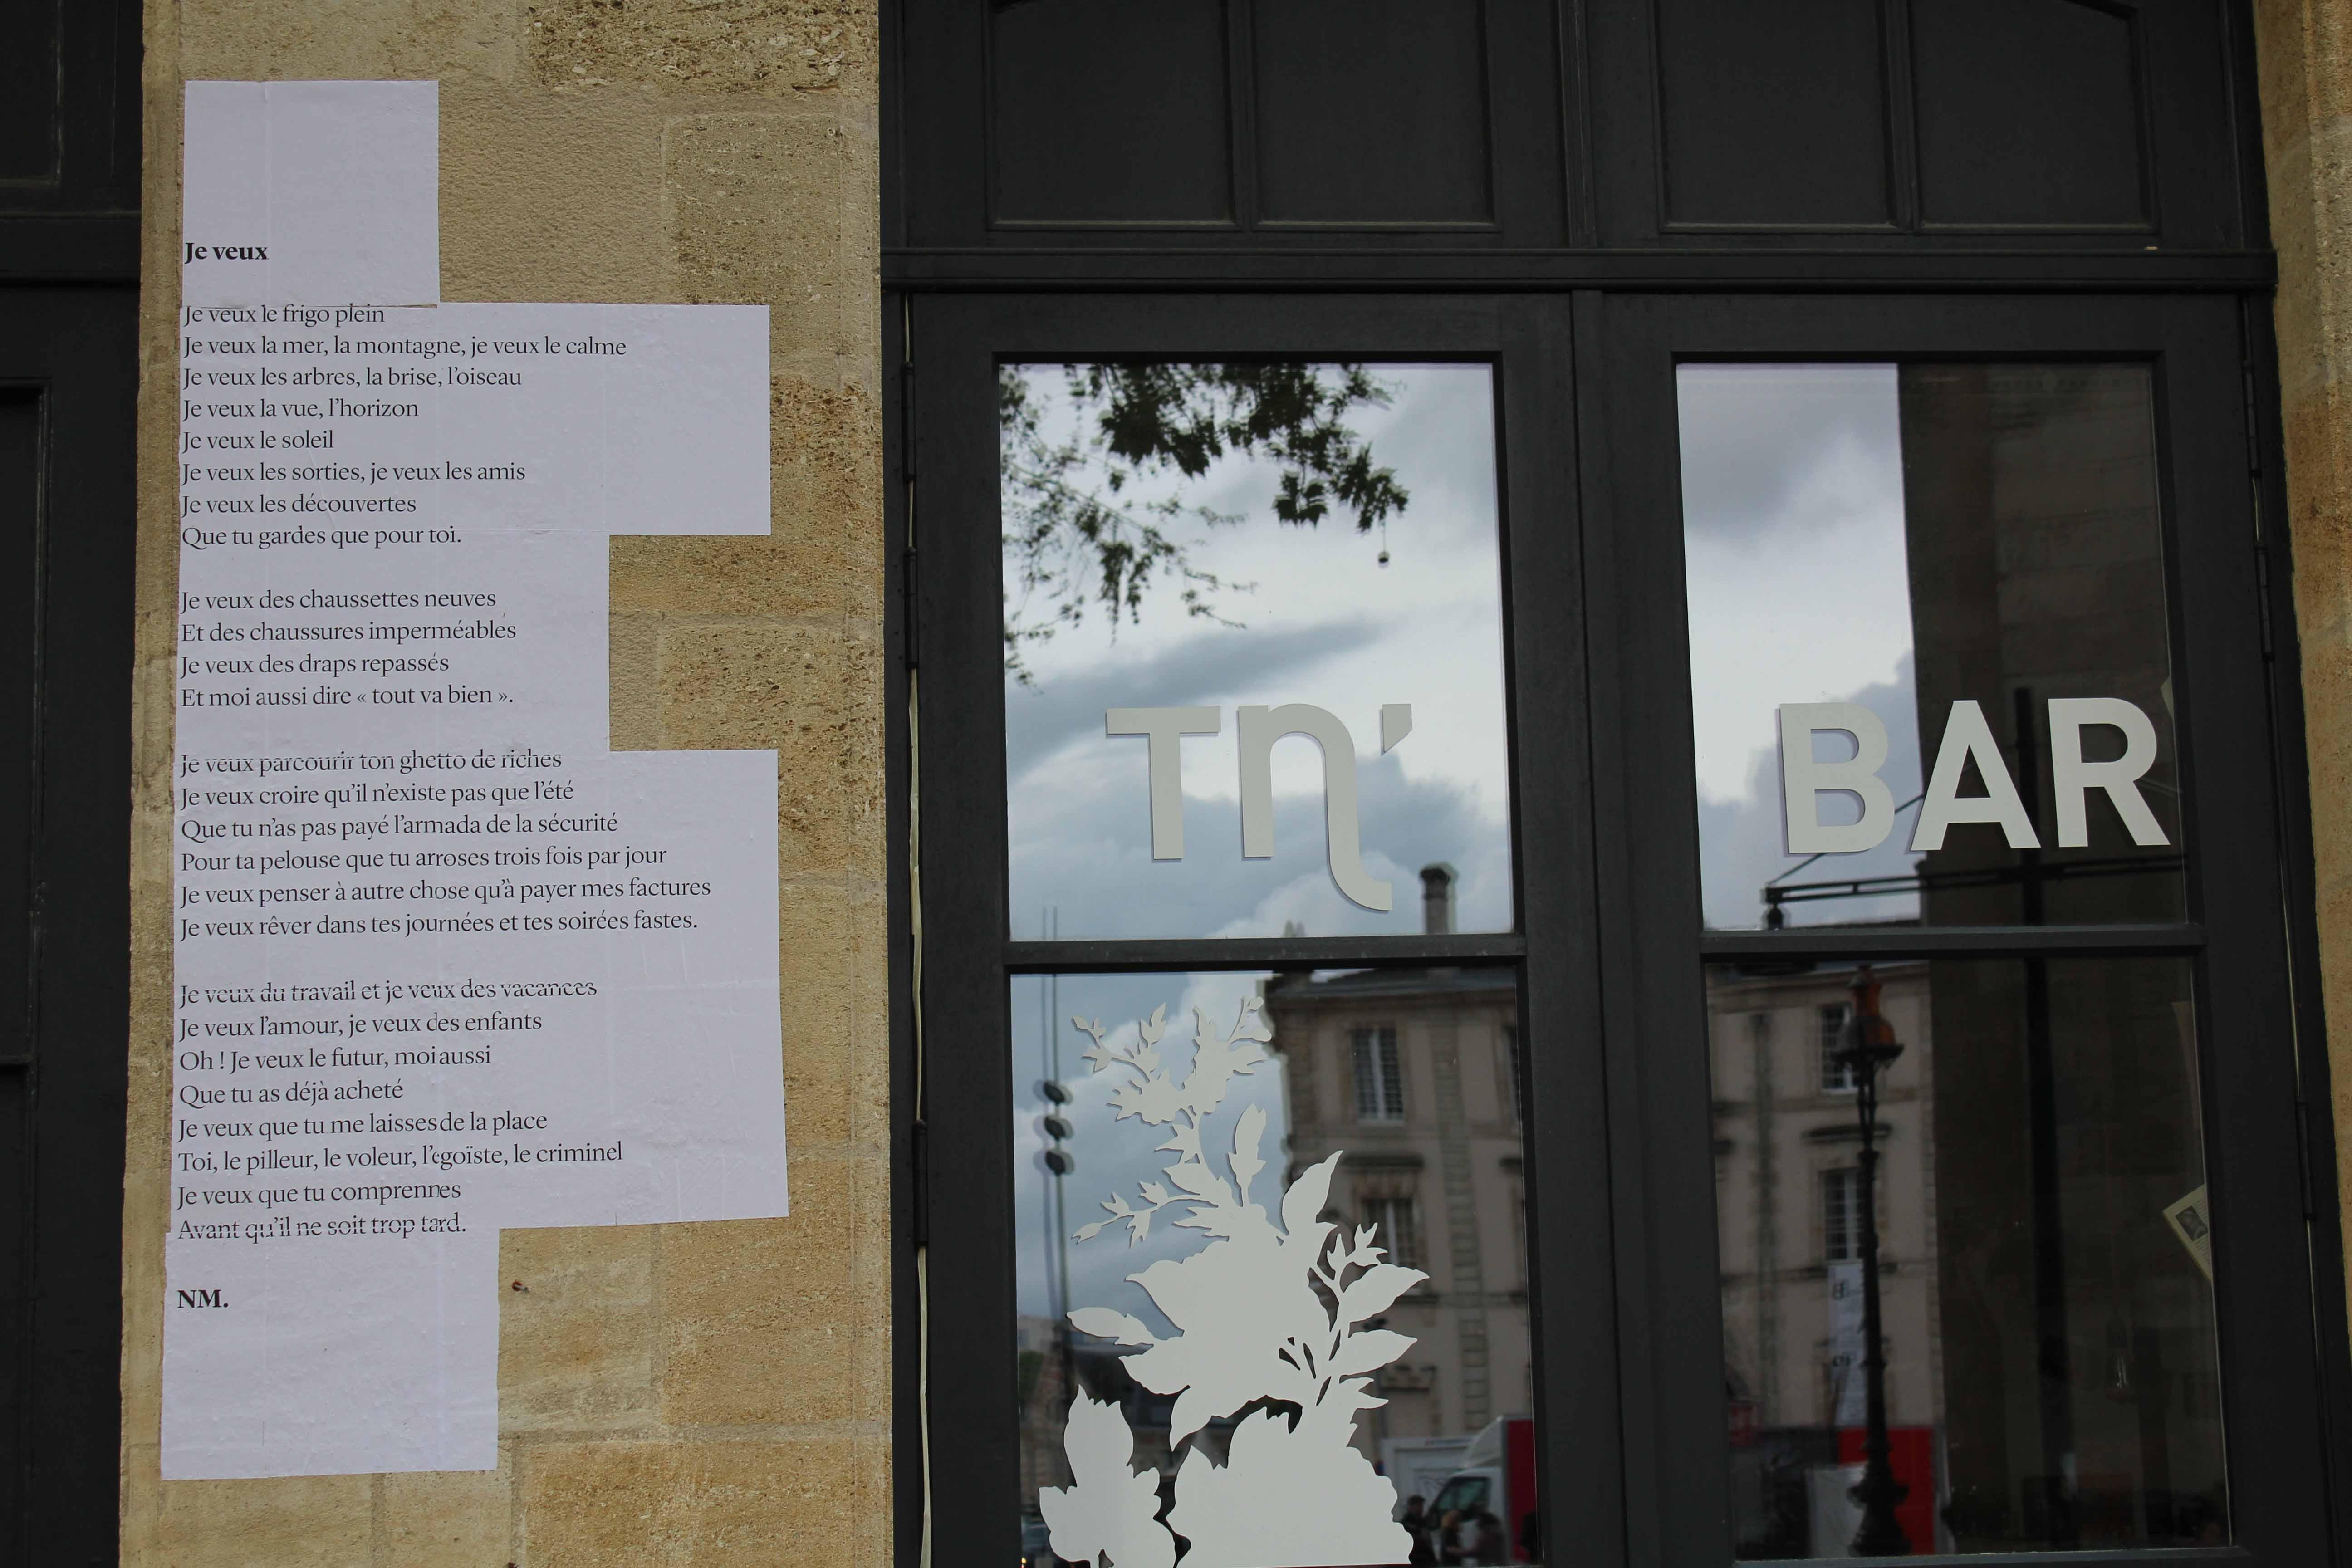 Je veux, poème de rue, nathalie man, TNBA